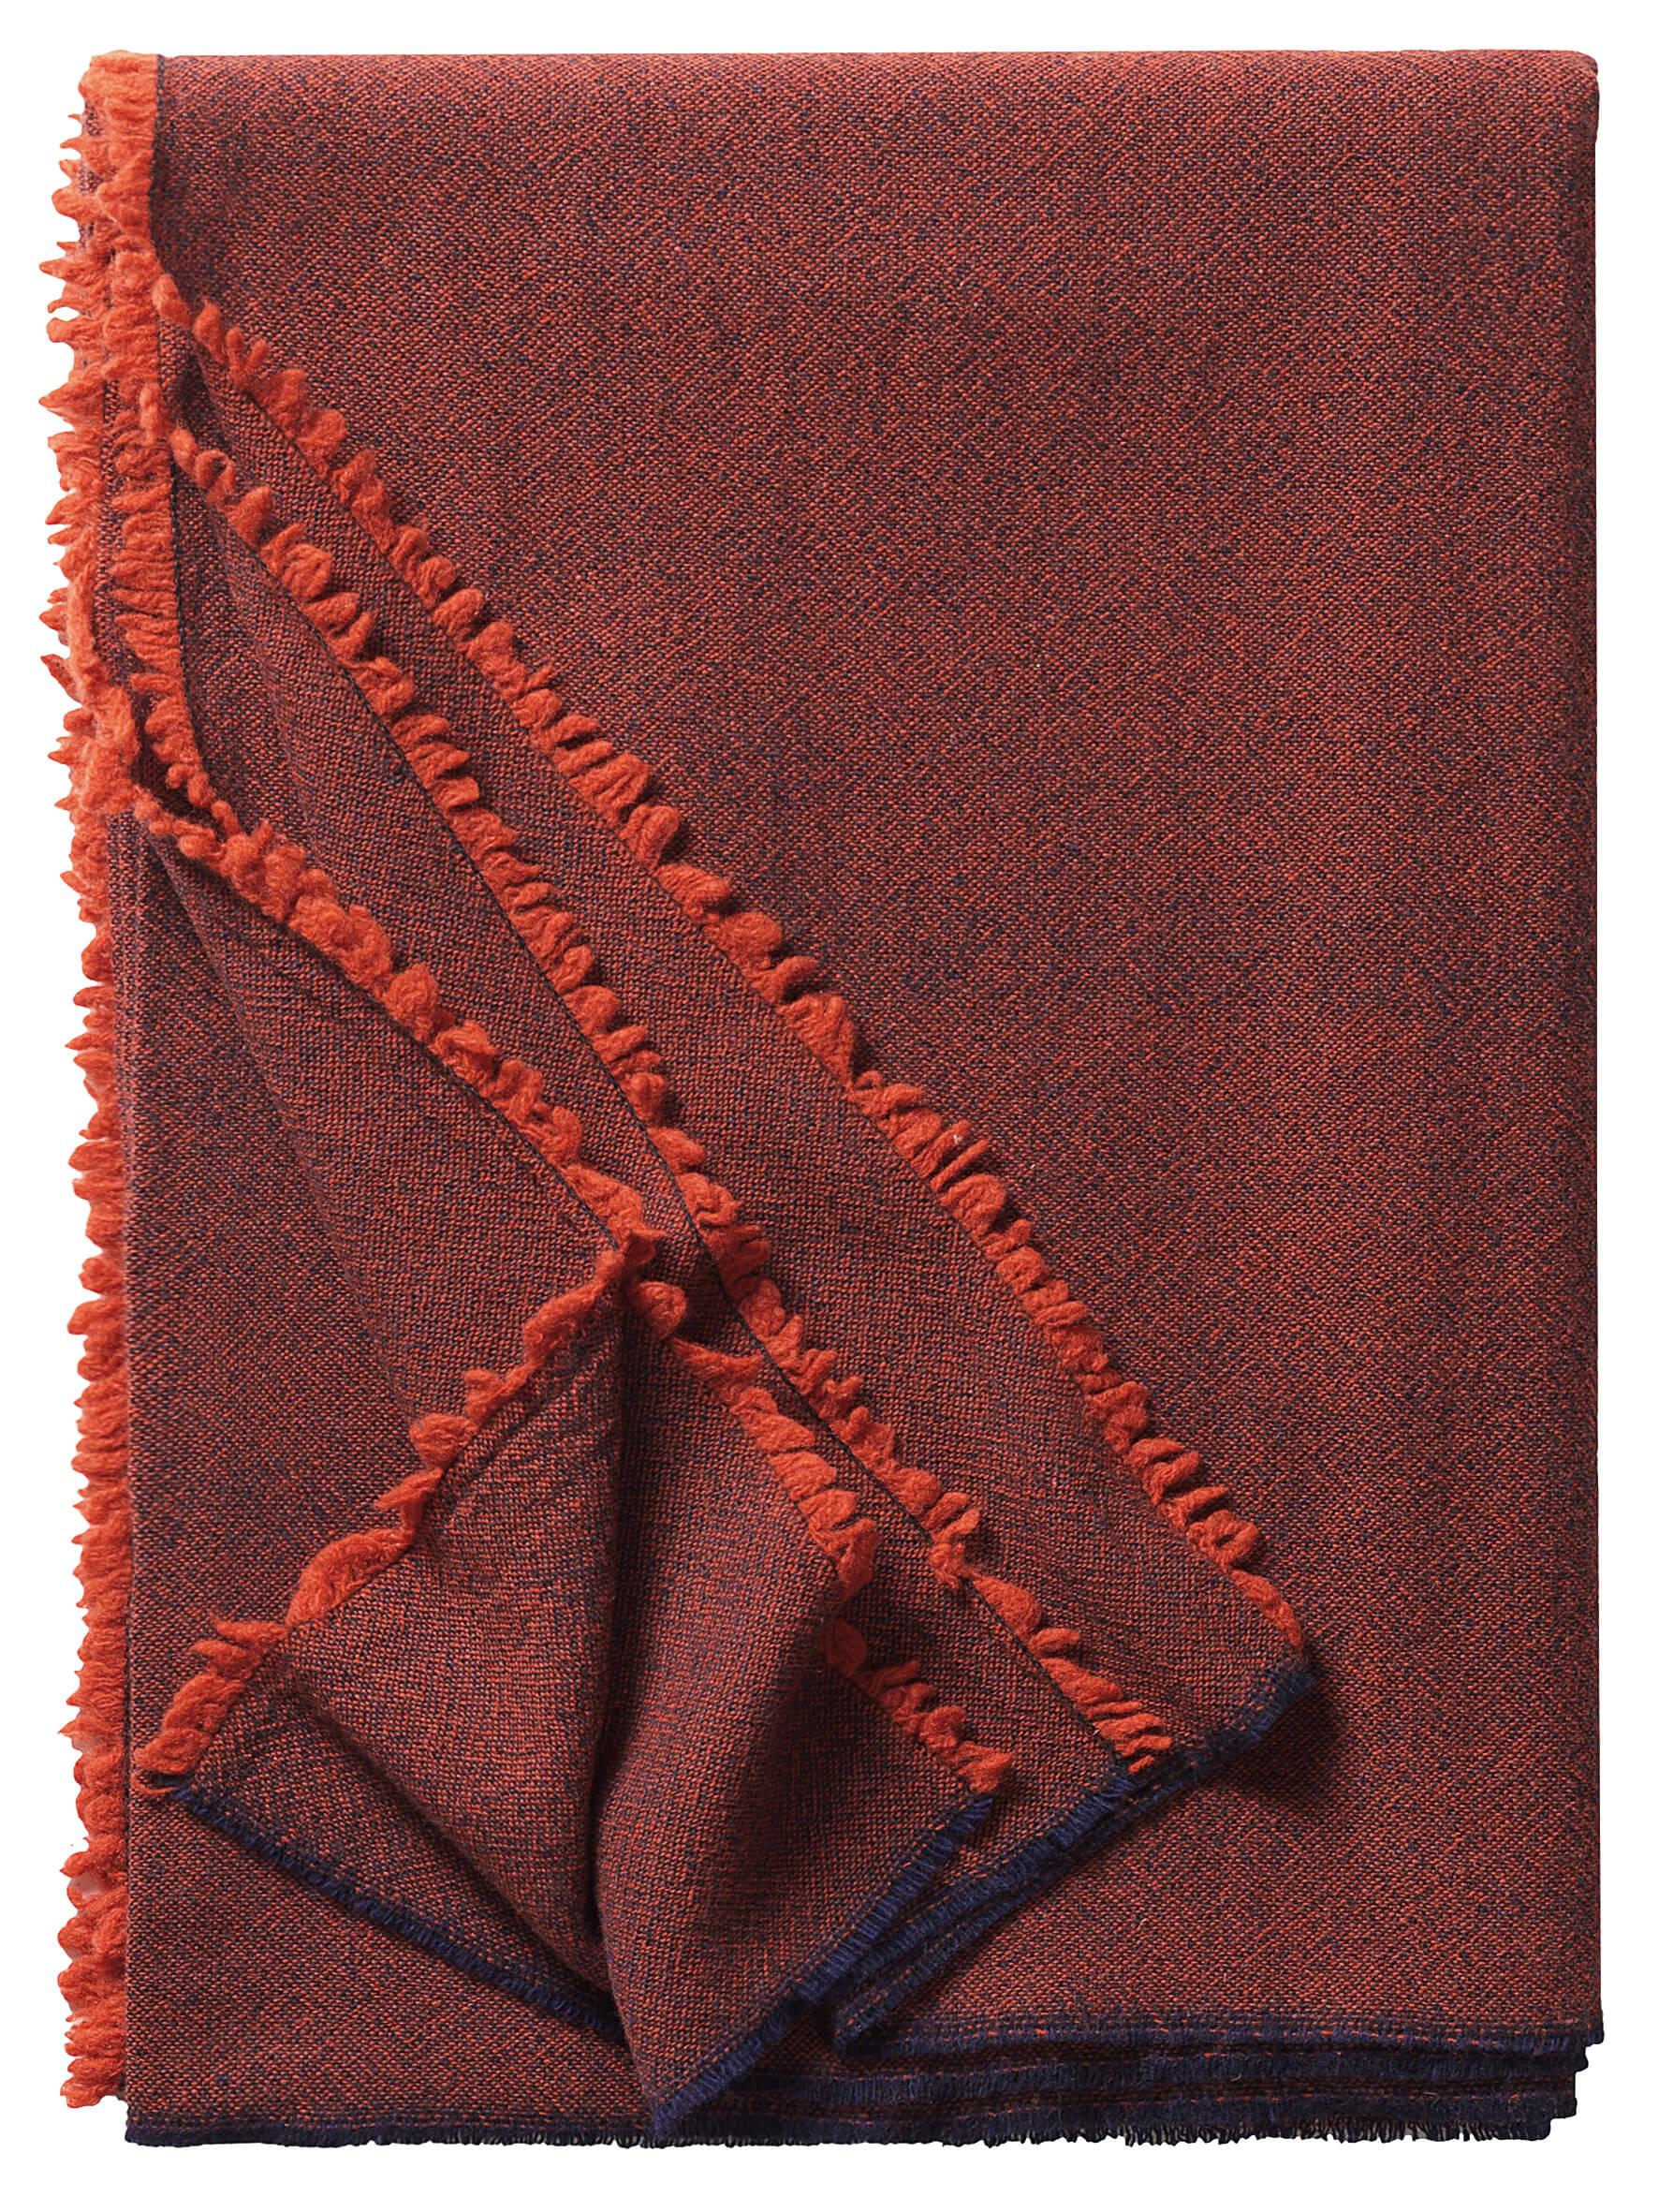 Bild von 022-0275_6, Variante orange